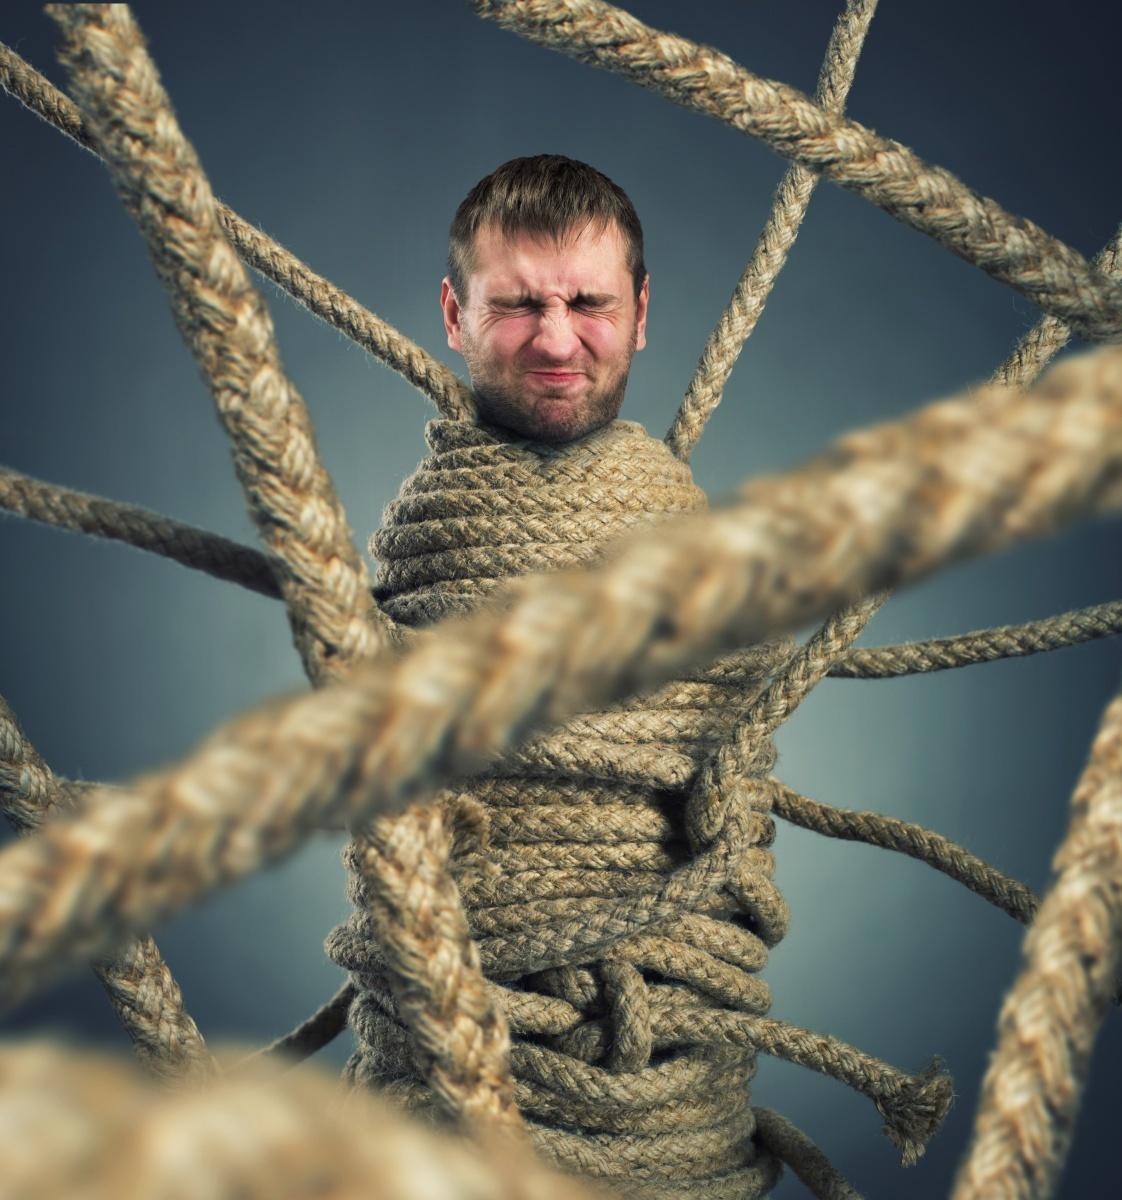 Поймать и связать верёвкой